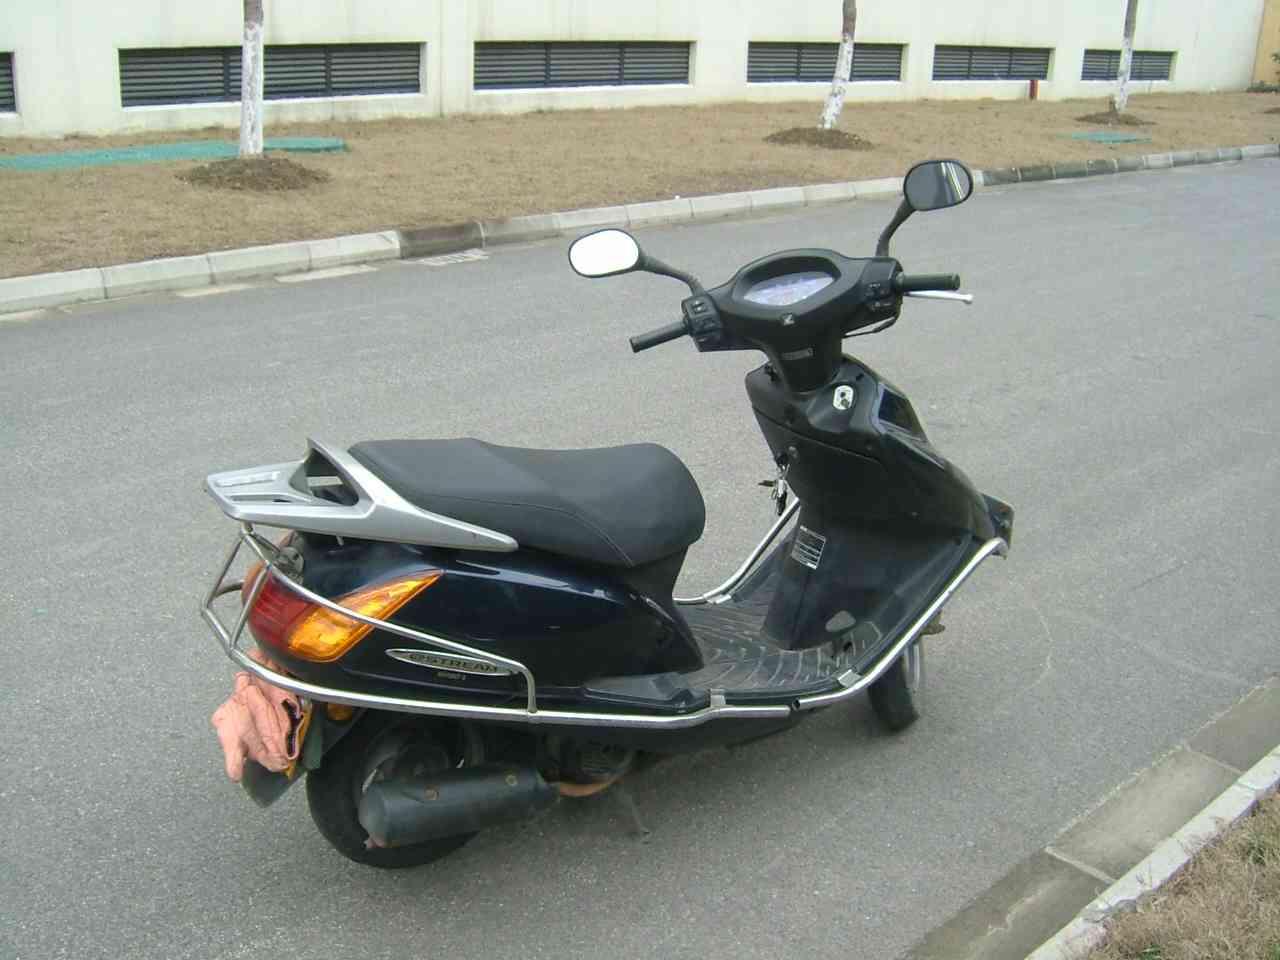 个人闲置五羊本田125-2踏板摩托车